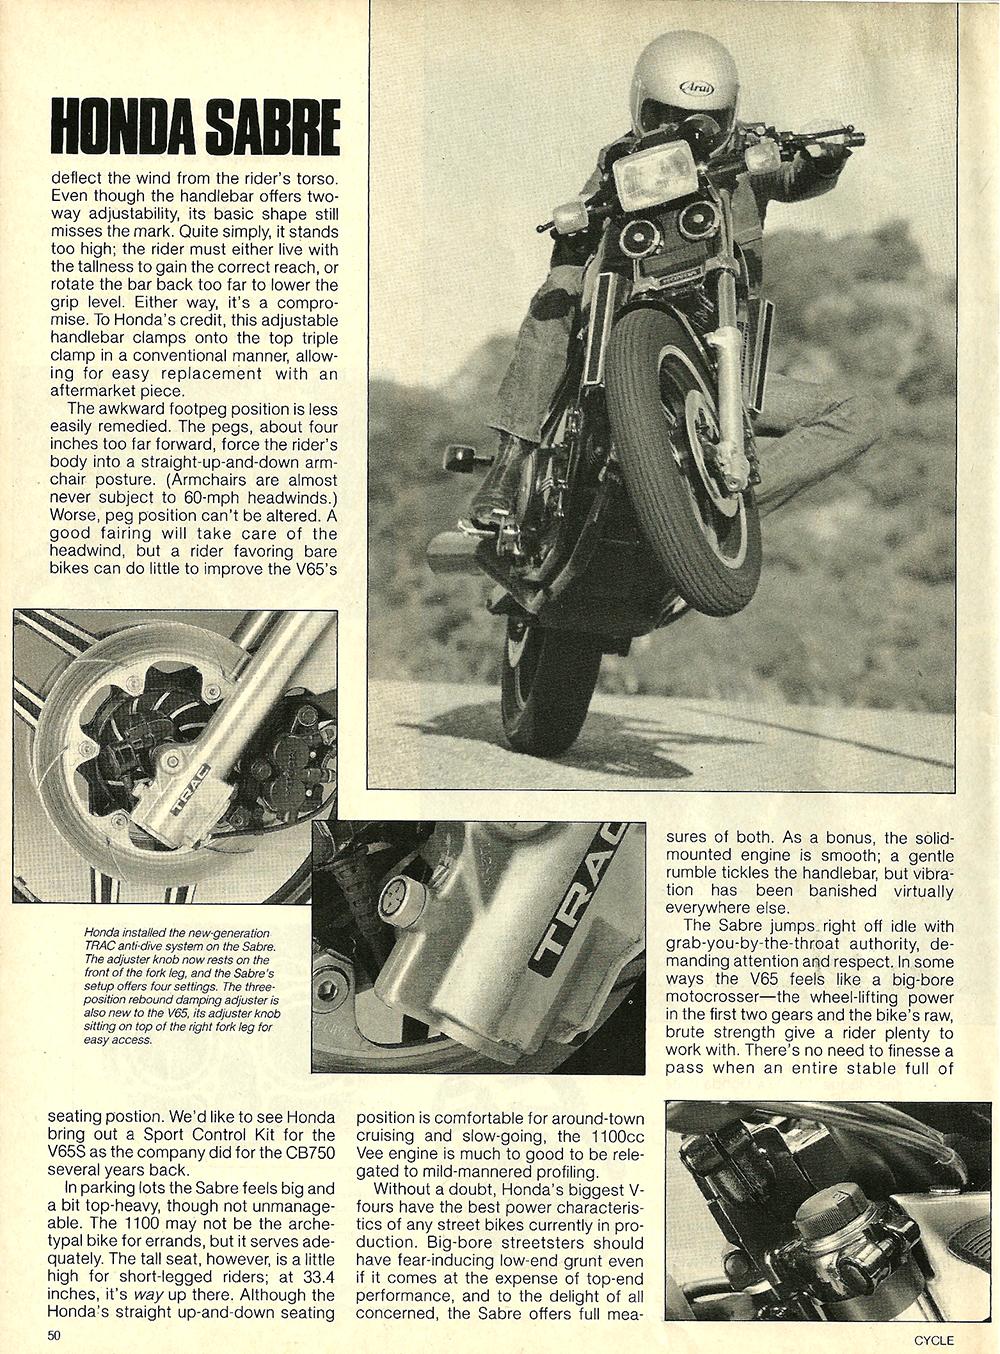 1984 Honda V65 Sabre road test 7.jpg